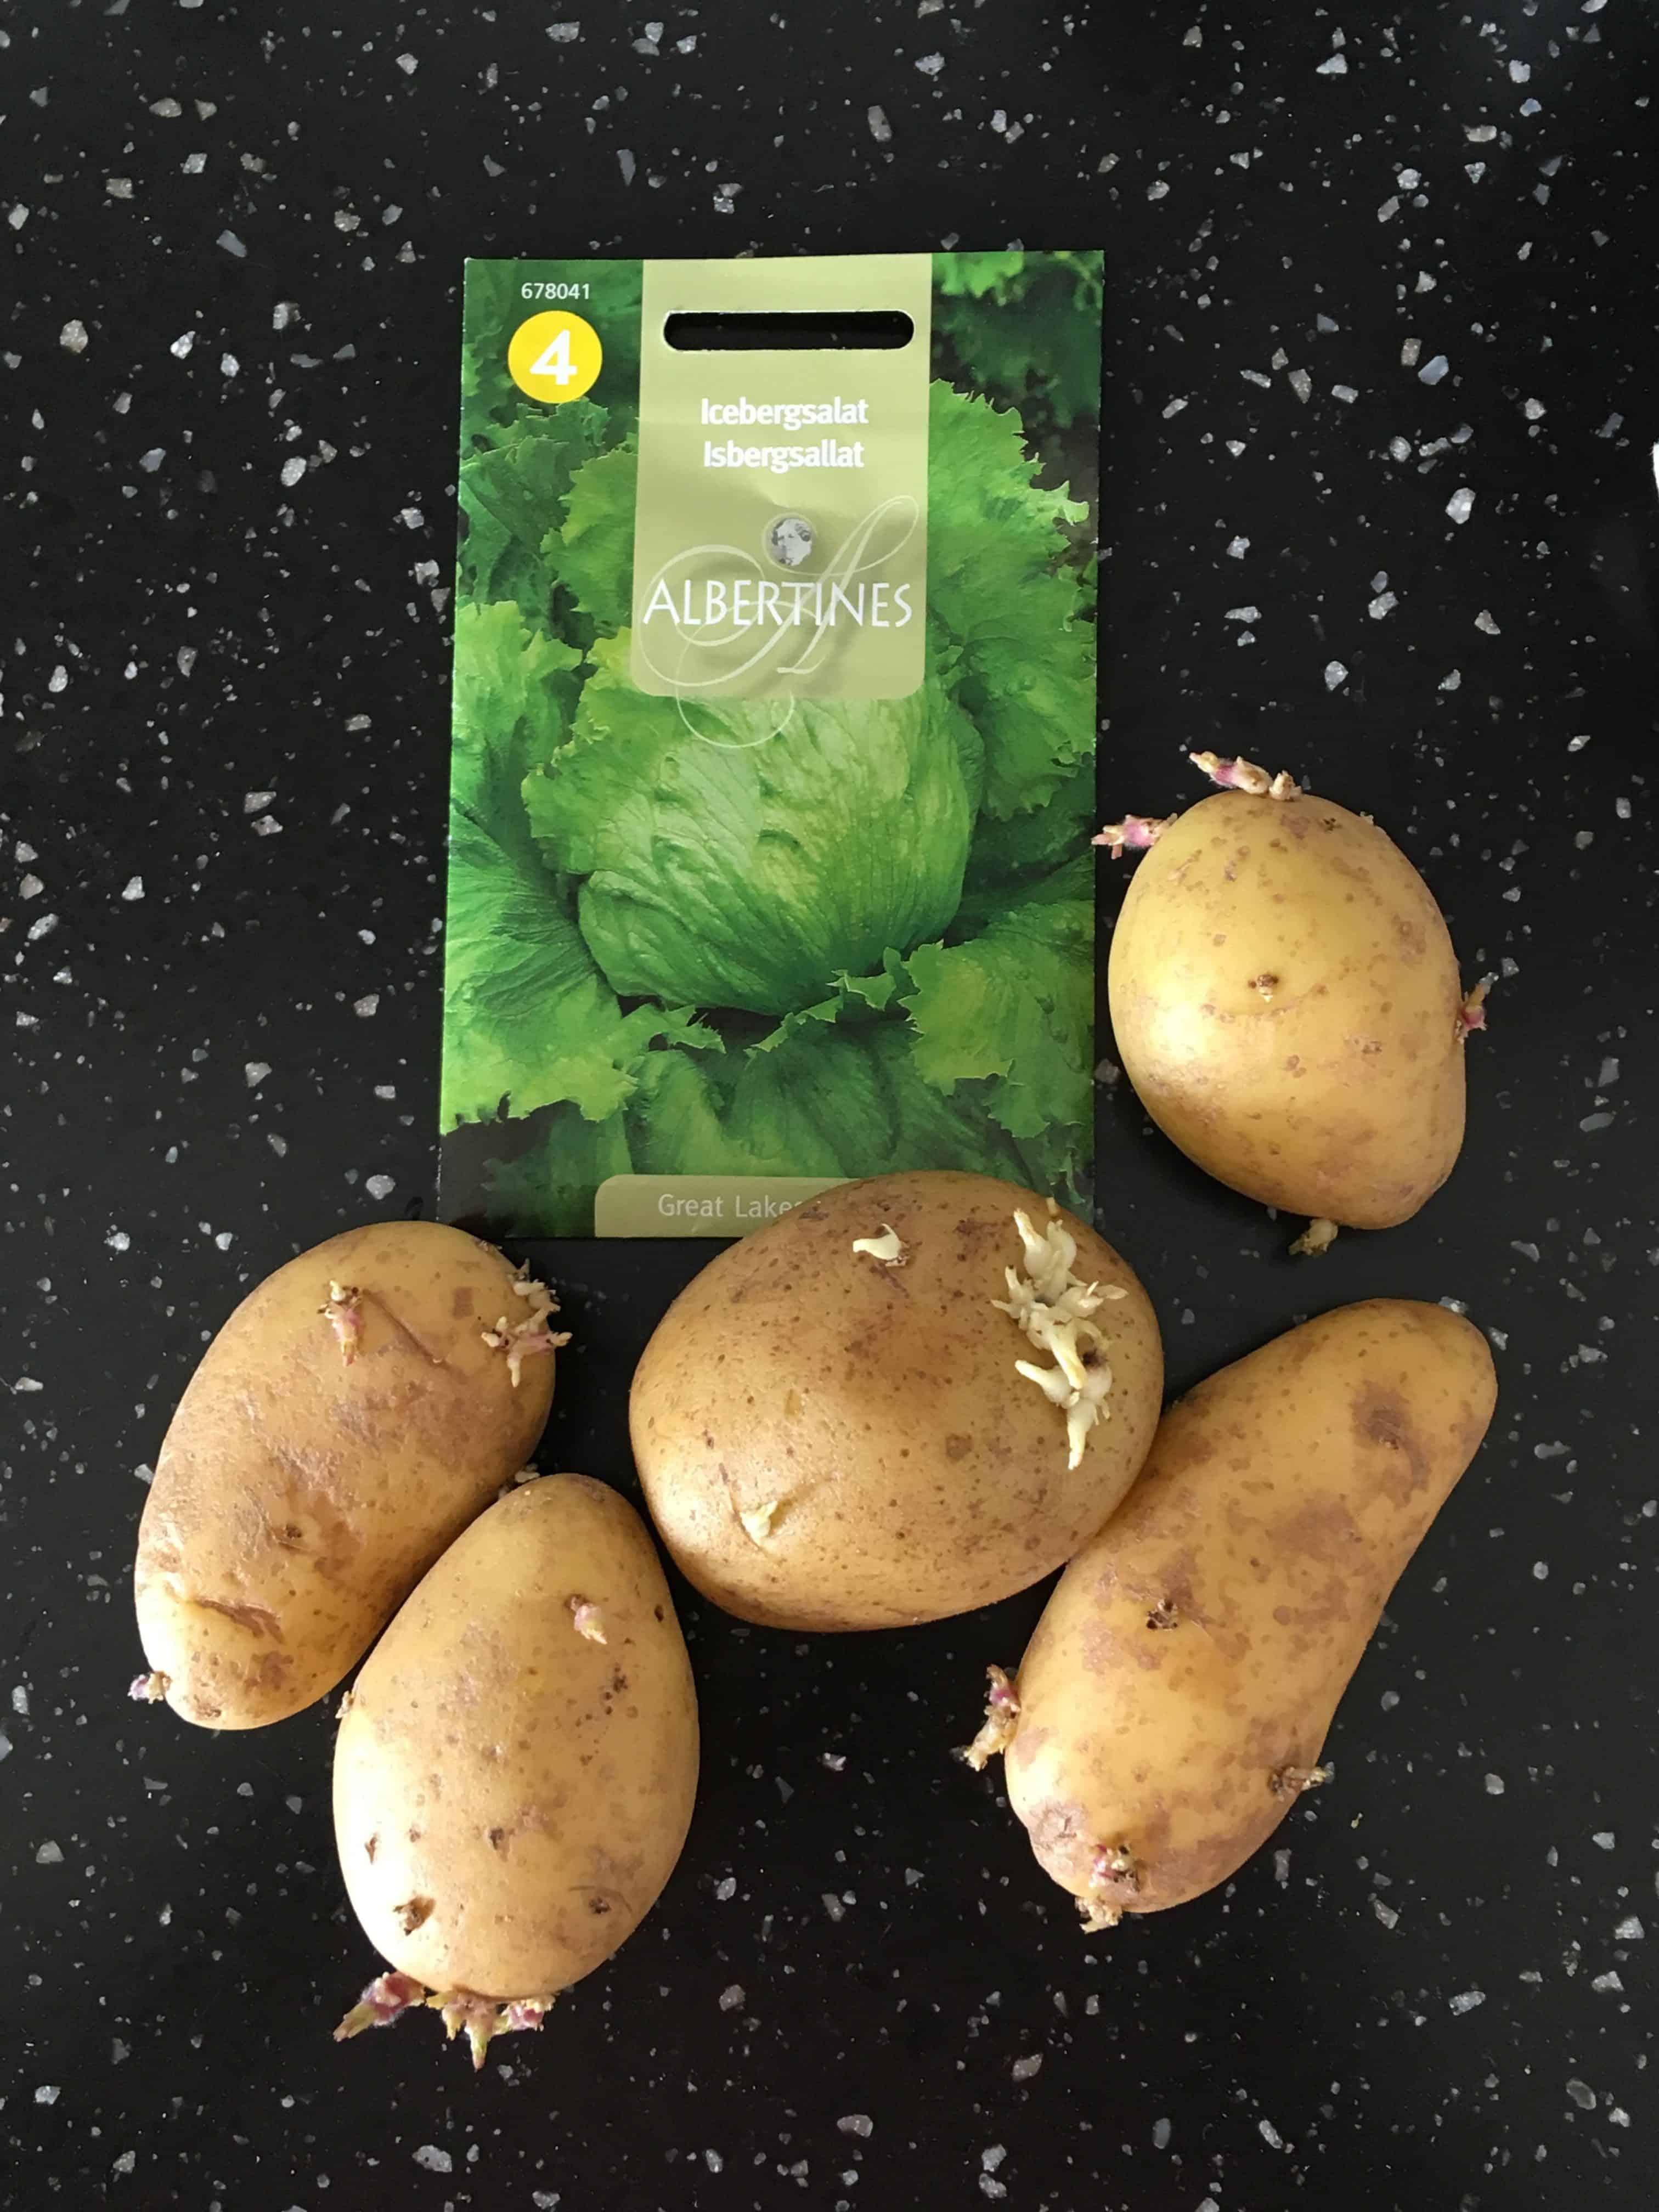 Forspirrede kartofler og iceberg salat